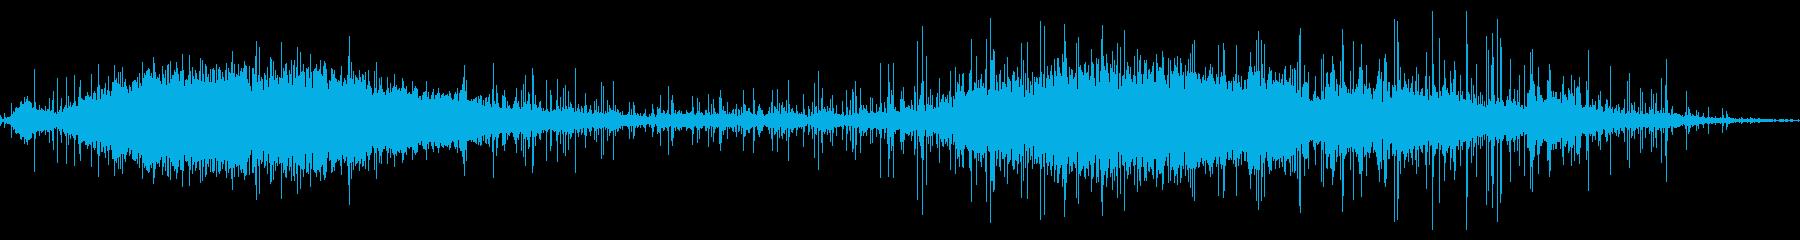 群衆インテリア講堂2波の応援の再生済みの波形